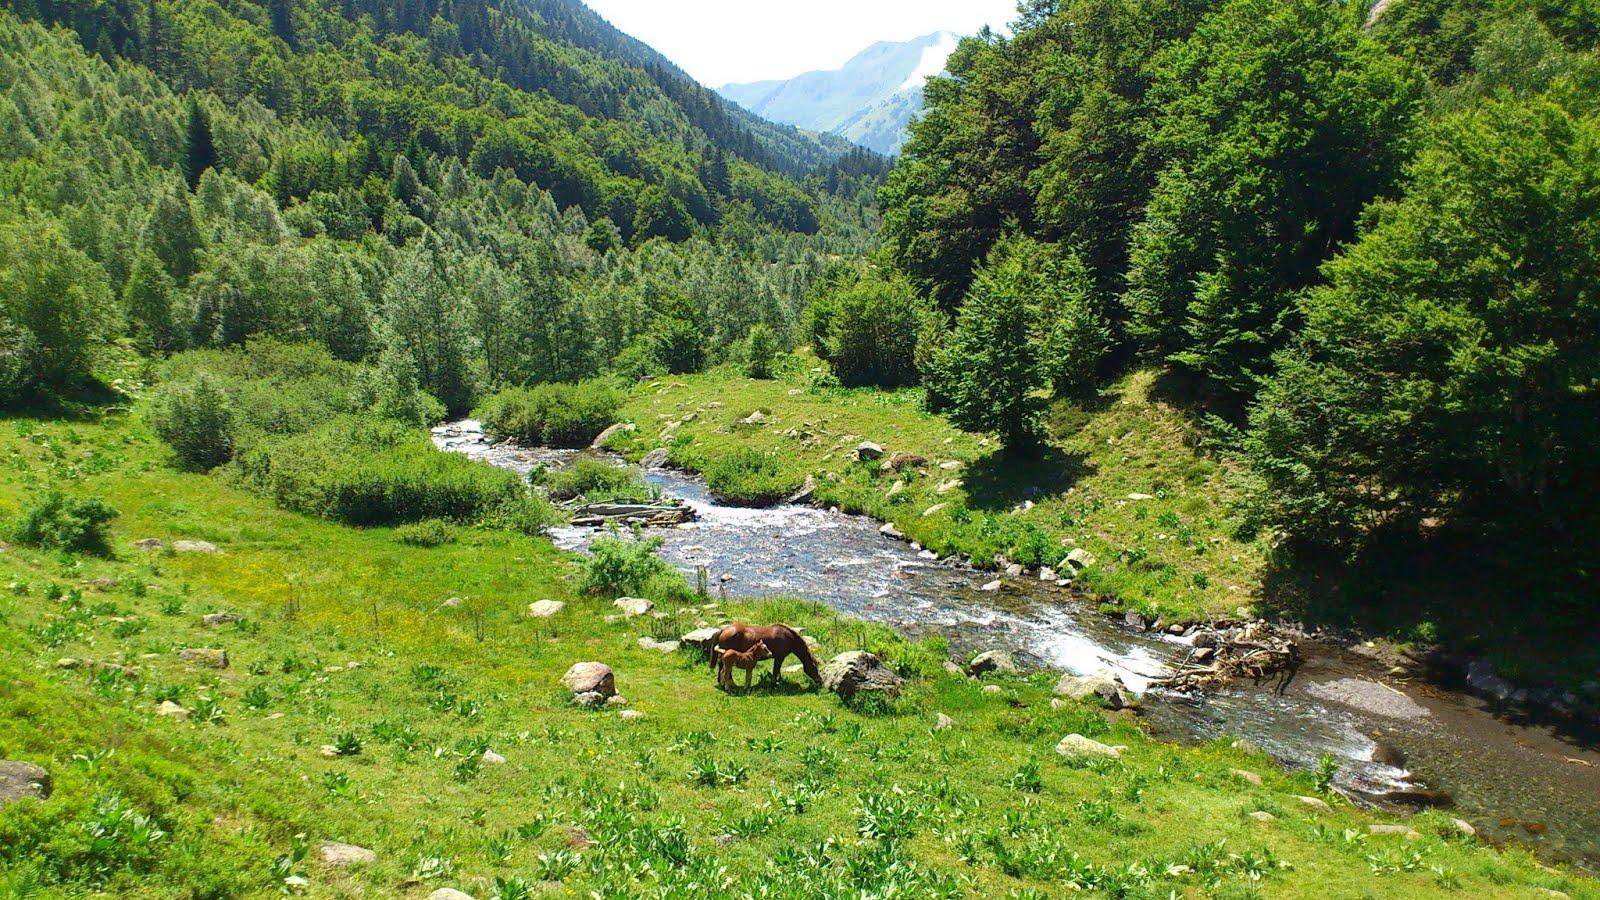 Caballos junto al río